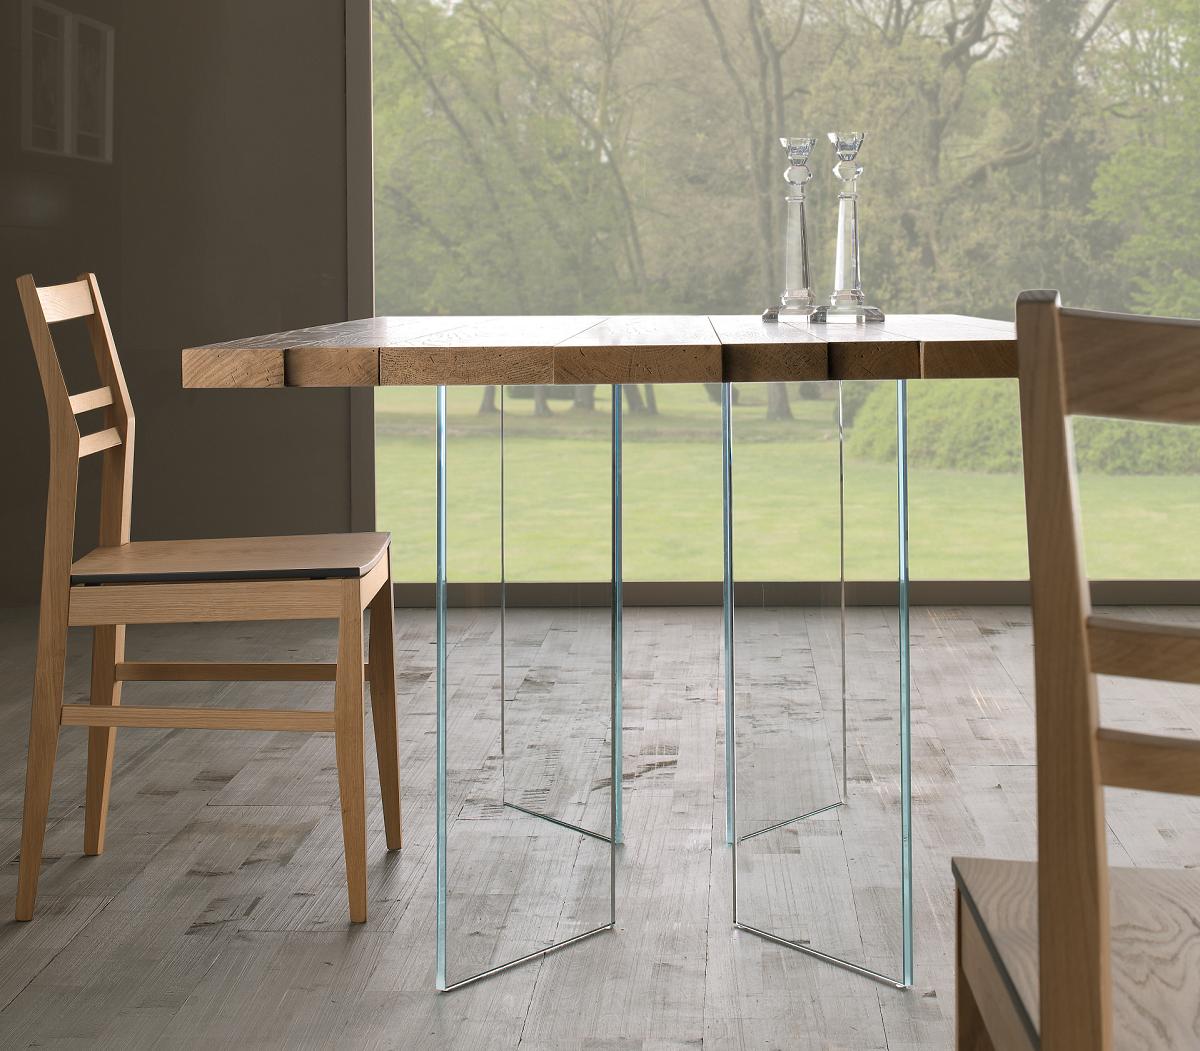 Lampade per specchiera bagno - Tavoli da pranzo rotondi moderni ...